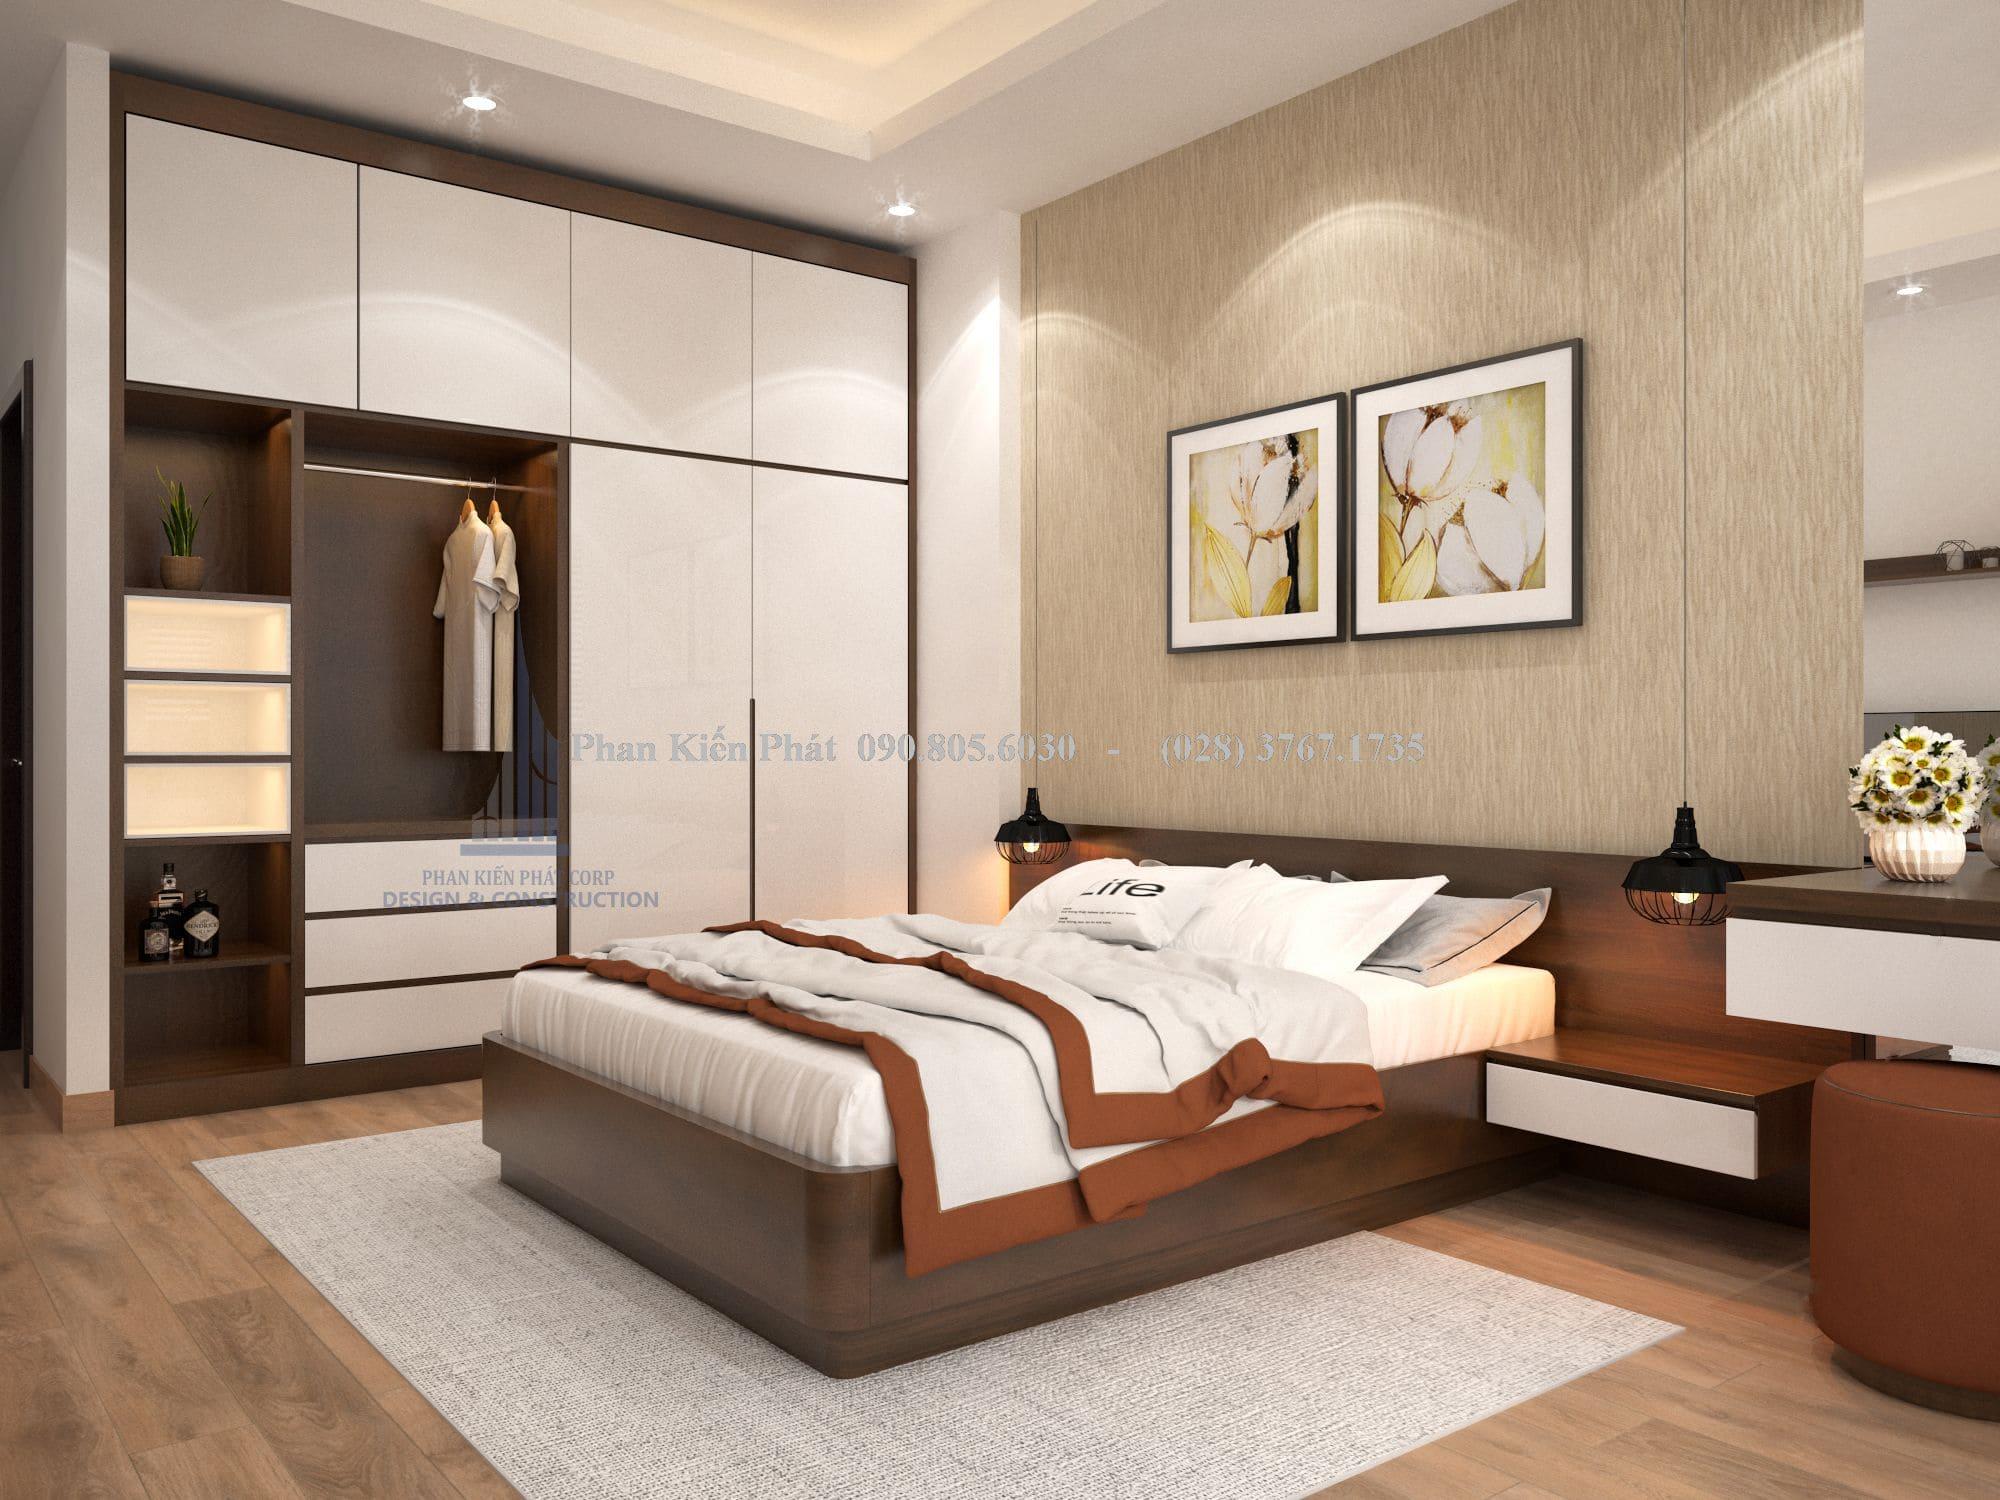 Nội thất phòng ngủ trong mẫu nhà 1 trệt 3 lầu